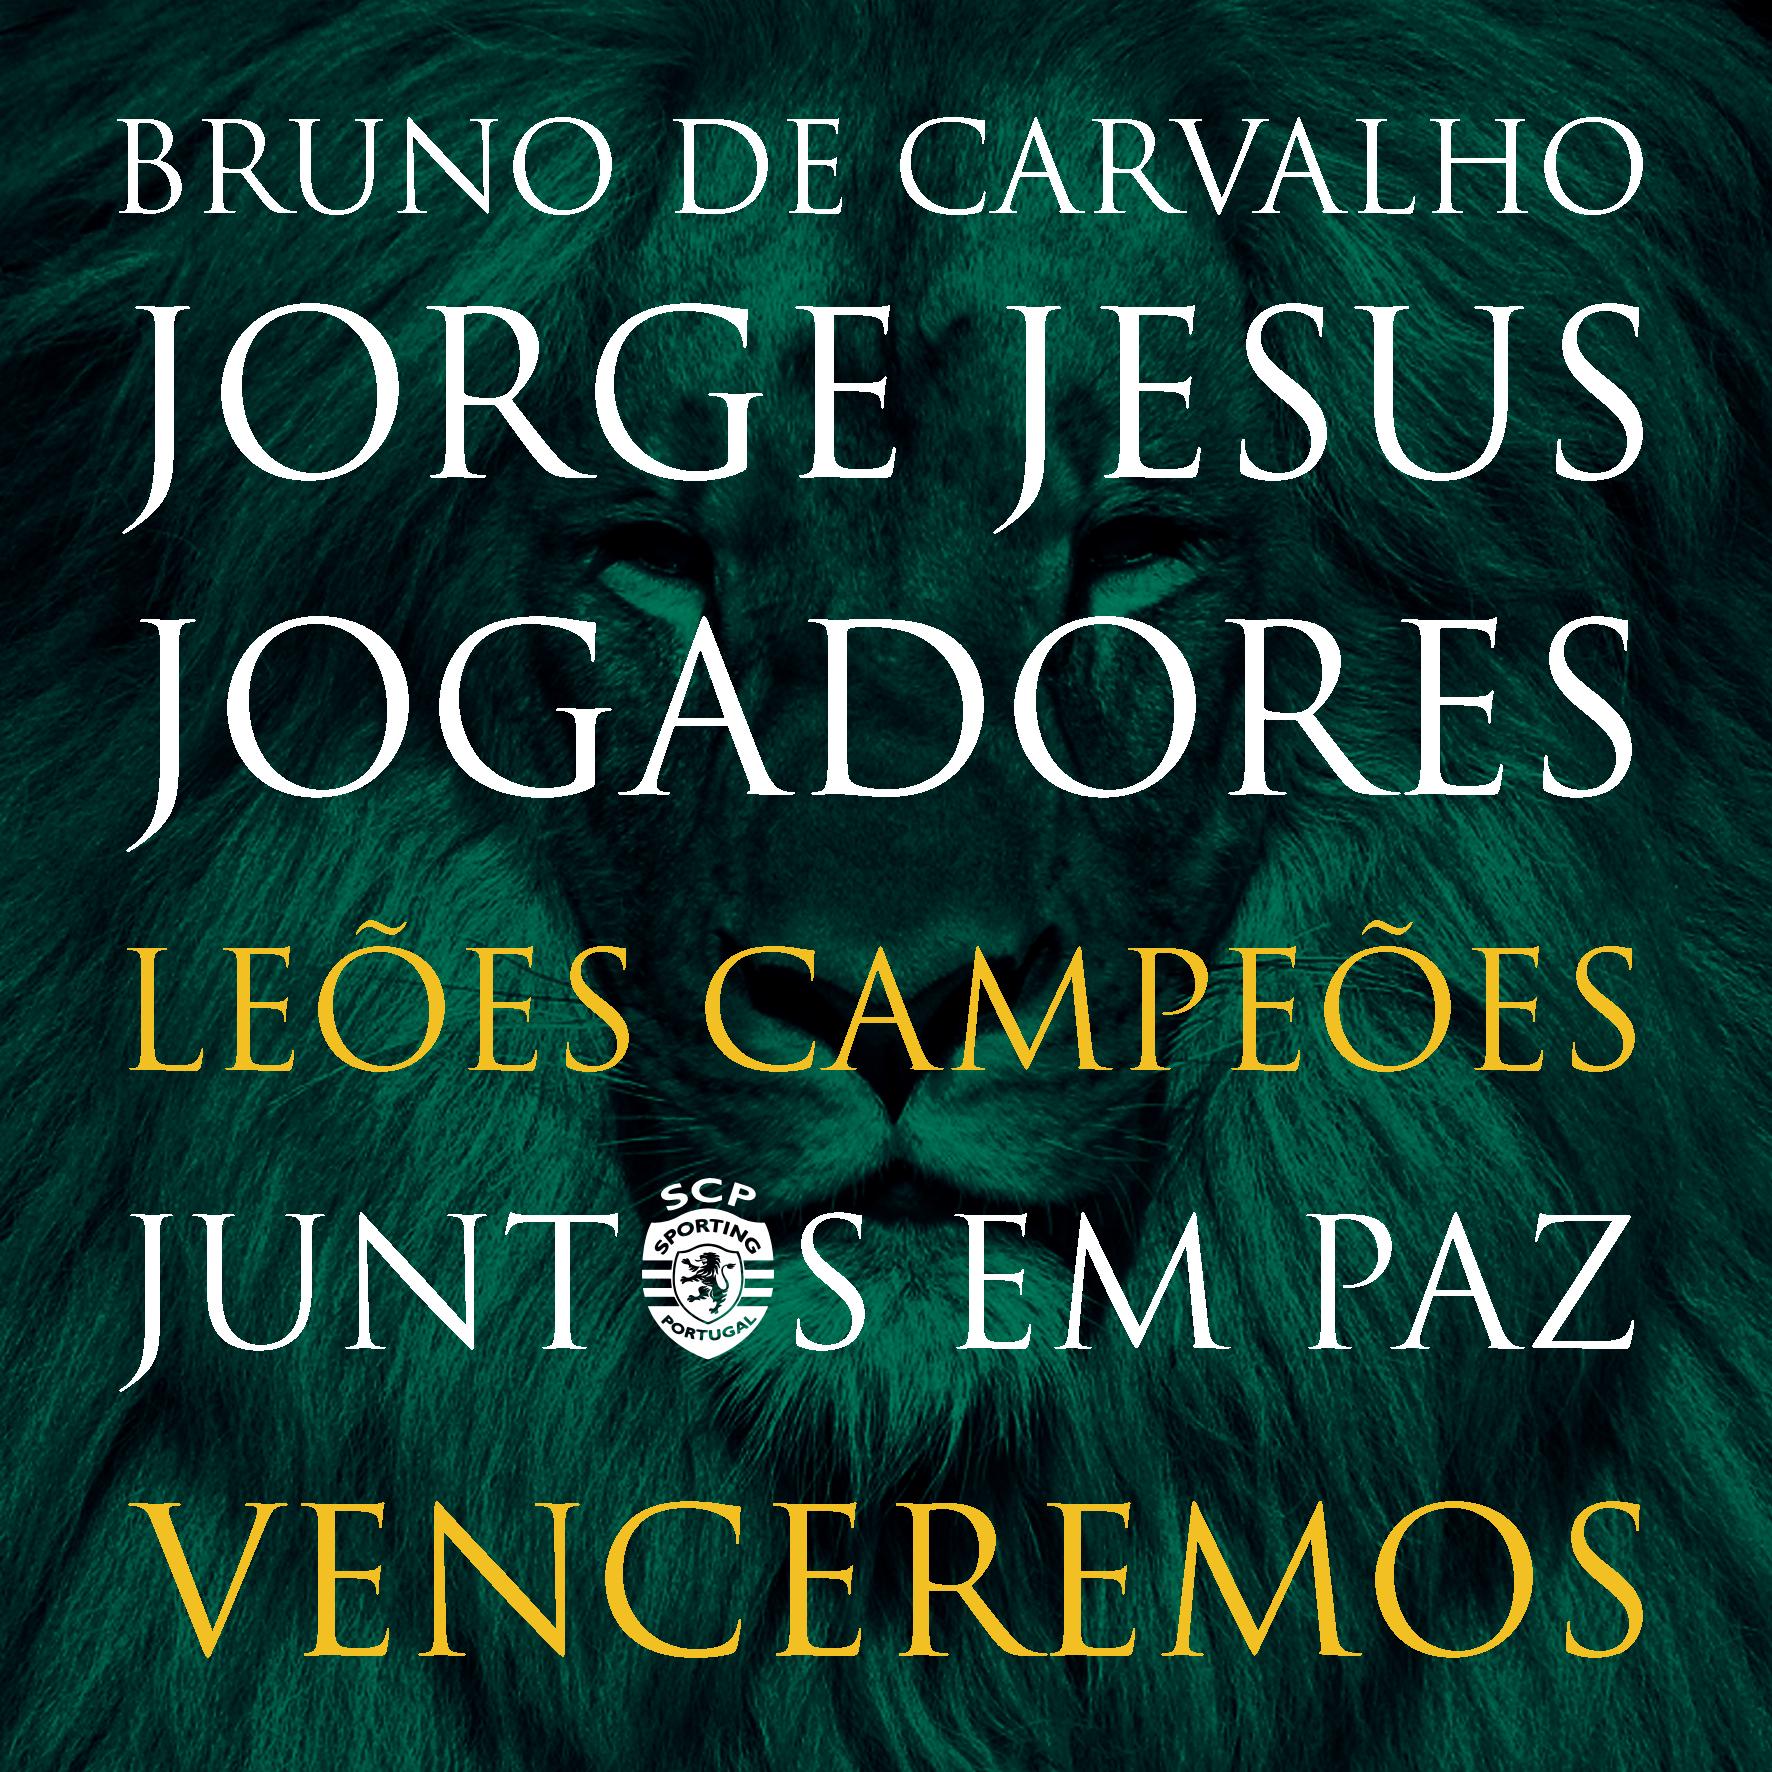 BRUNO DE CARVALHO JORGE JESUS JOGADORES ADEPTOS E SÓCIOS SPORTINGUISTAS UNIDOS  LEÕES CAMPEÕES   VENCEREMOS  https://www.facebook.com/SportingClubedePortugalCampeao/  CLICA, GOSTA E PARTILHA A BOA NOVA !!!